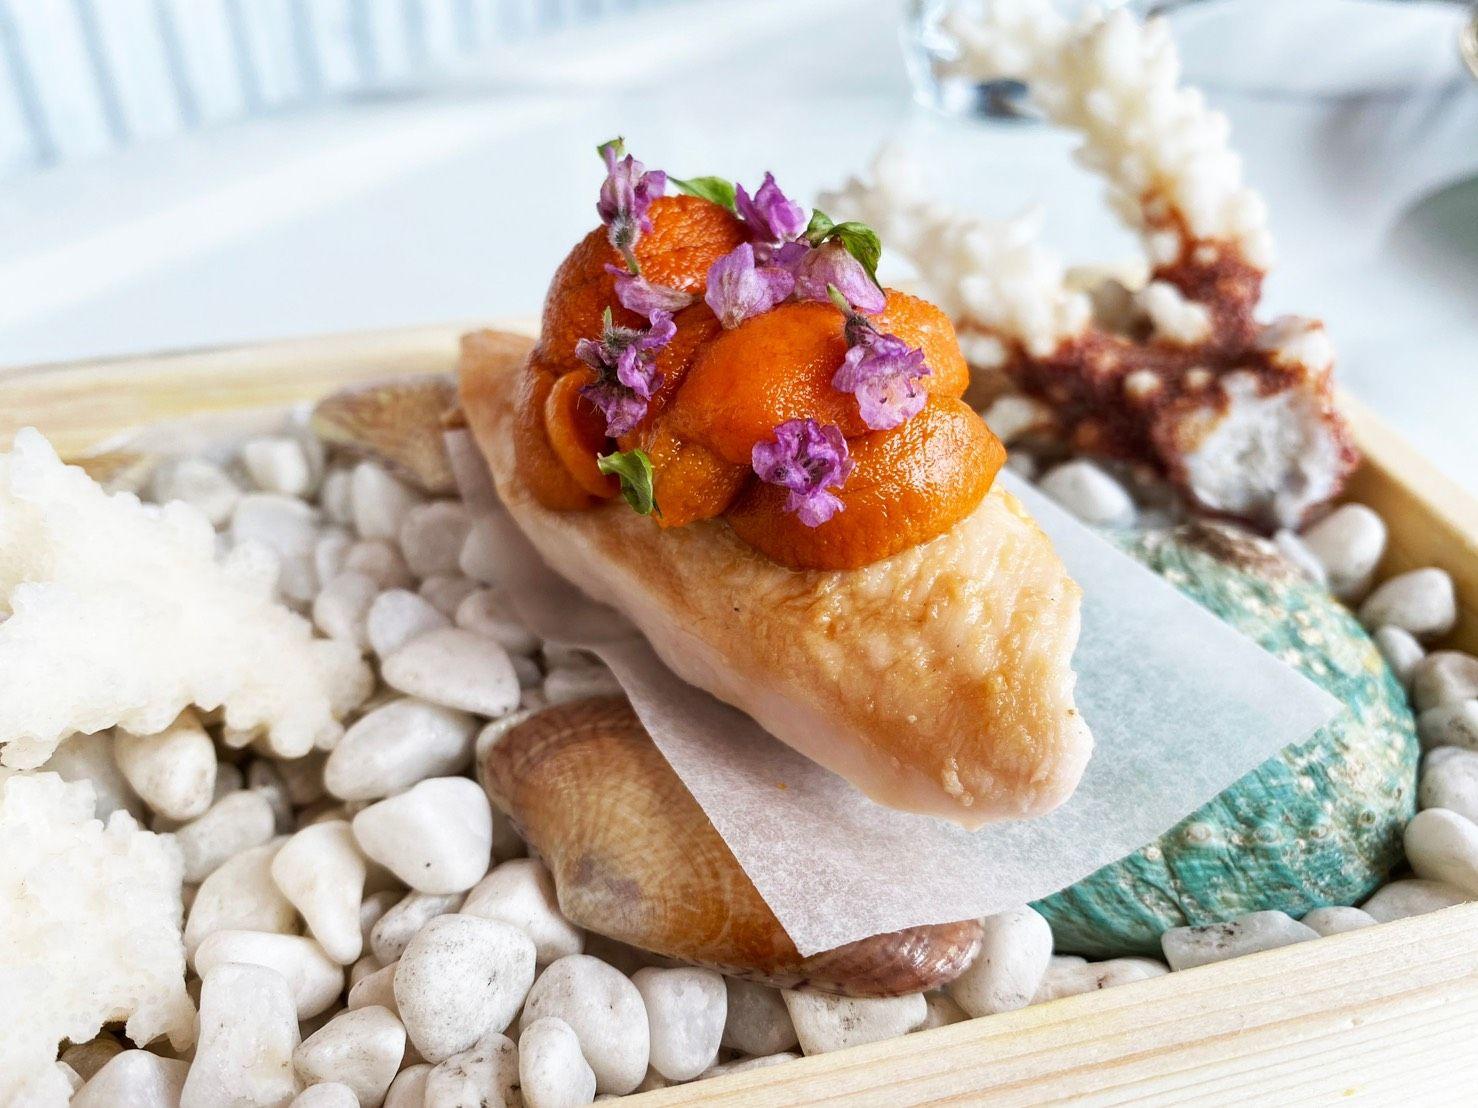 絕美高空餐廳MiraWan攜手米其林一星餐廳俺達の肉屋與鳥苑,限時兩天呈獻限量60席炭火主題料理